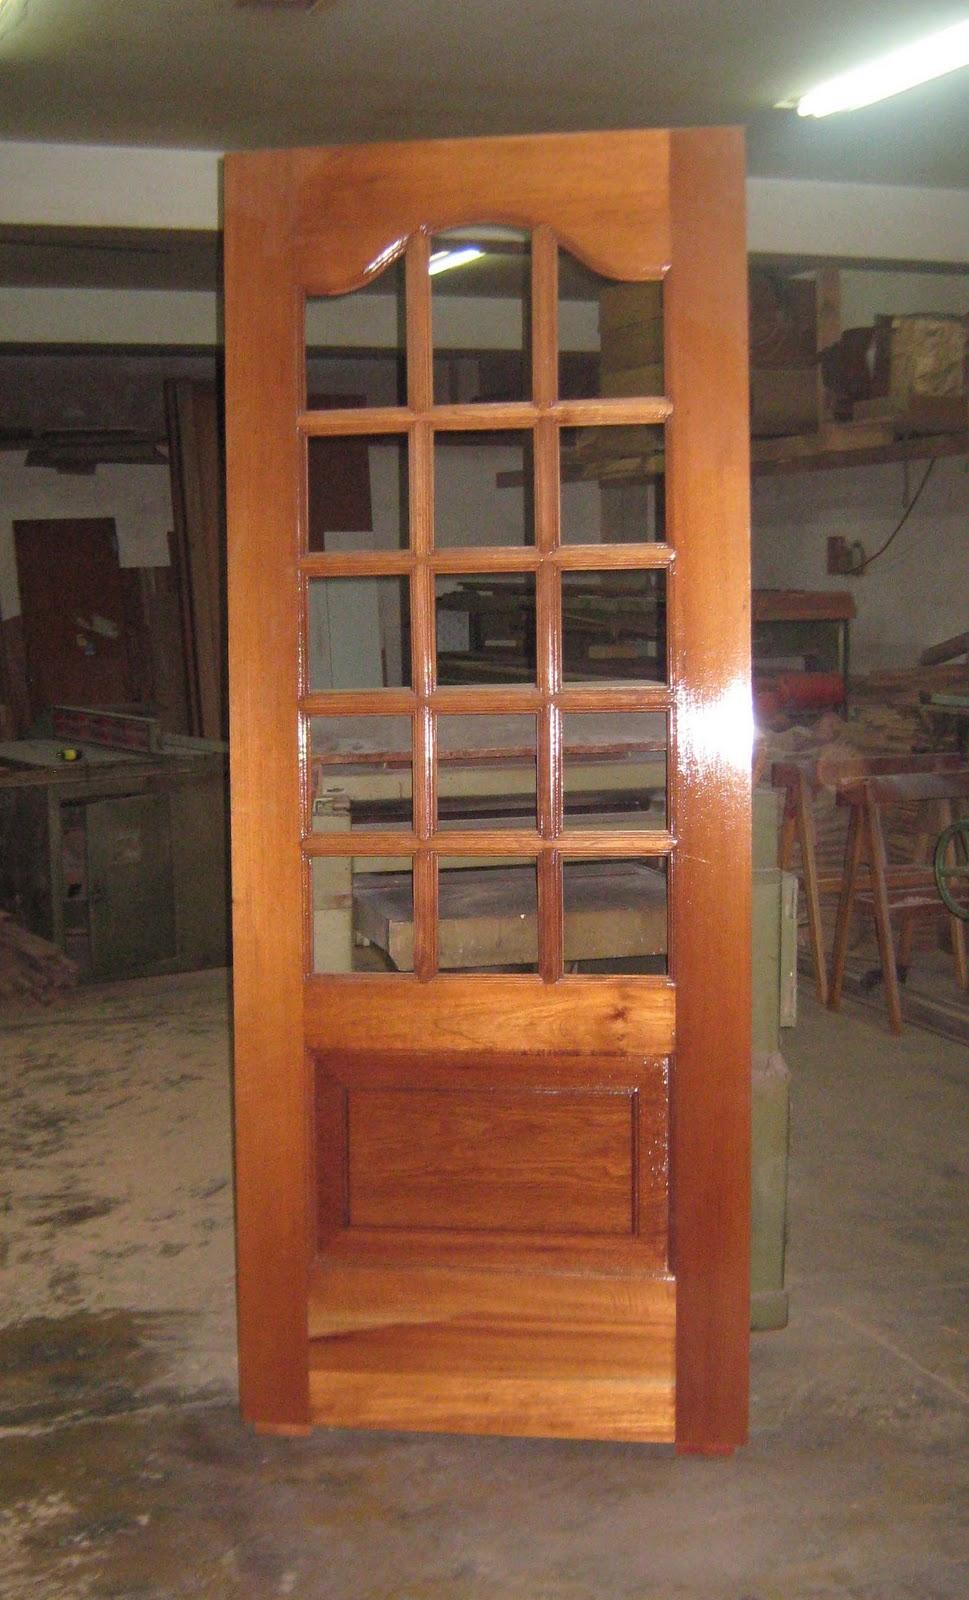 ebanist Puertas paneladas con vidrio repartido